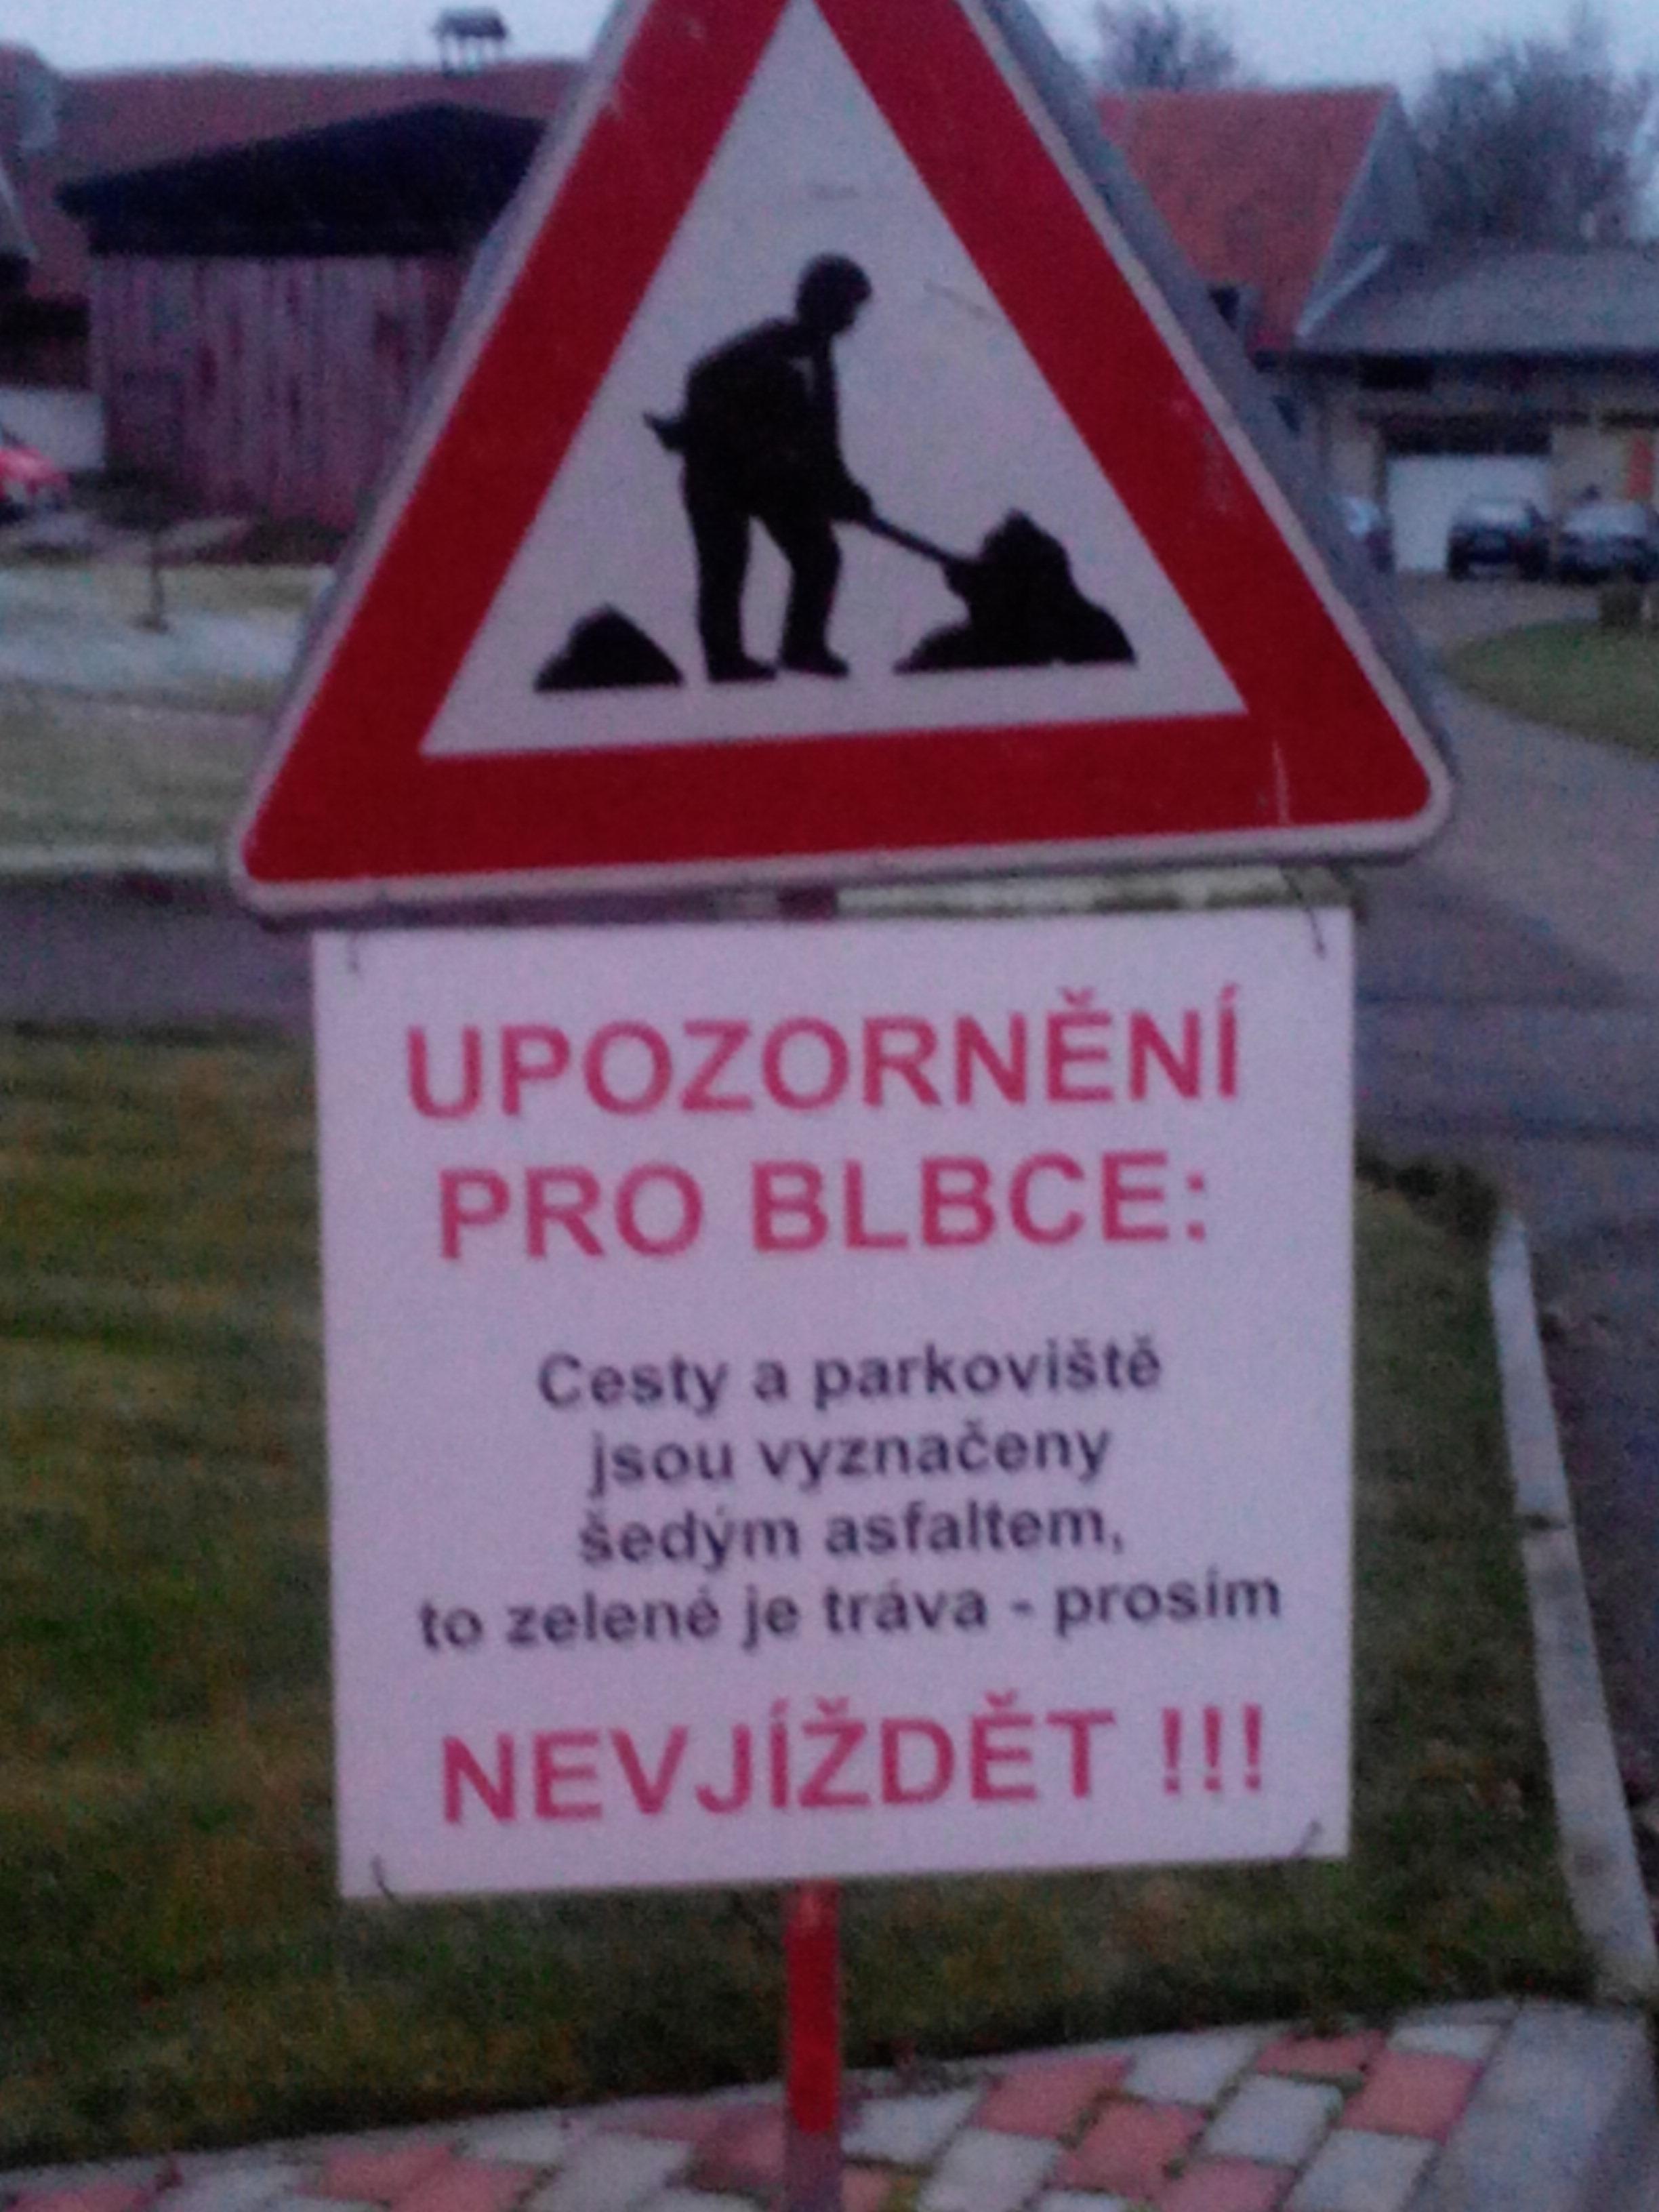 Vendys_upozorneni-pro-blbce.jpg